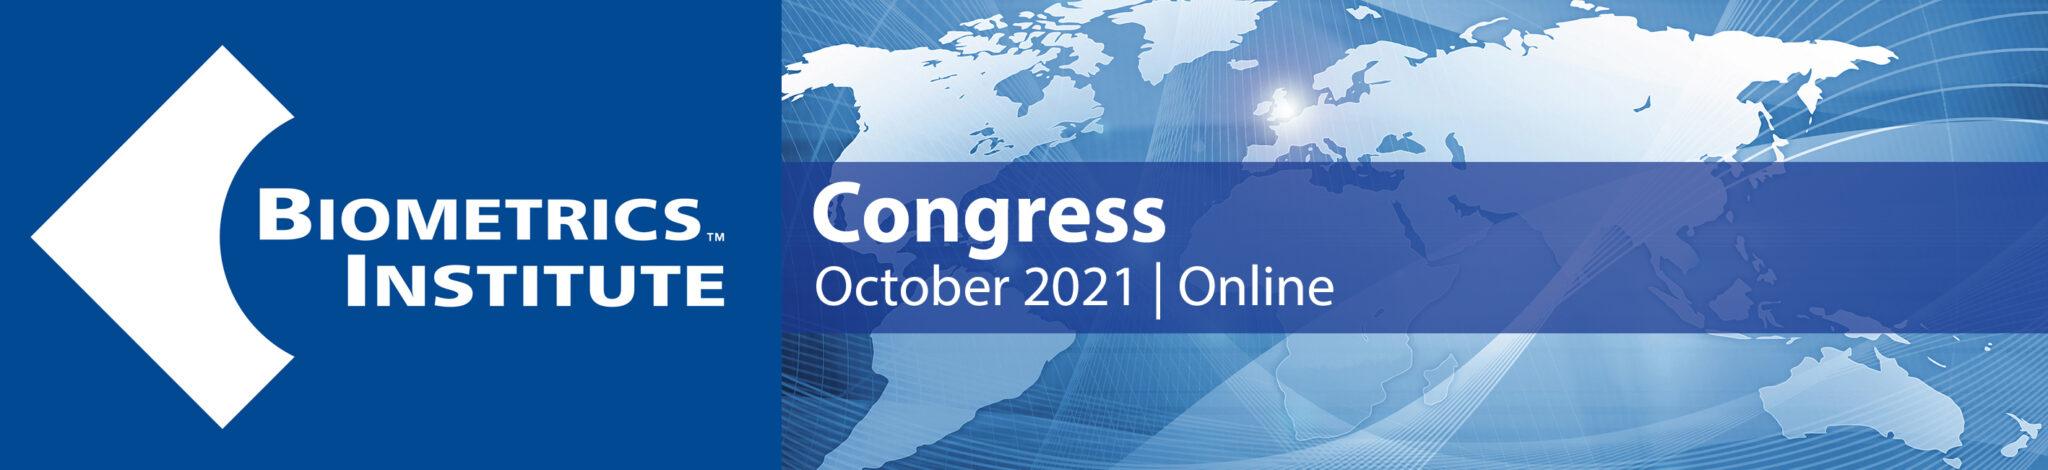 Biometrics Institute Congress